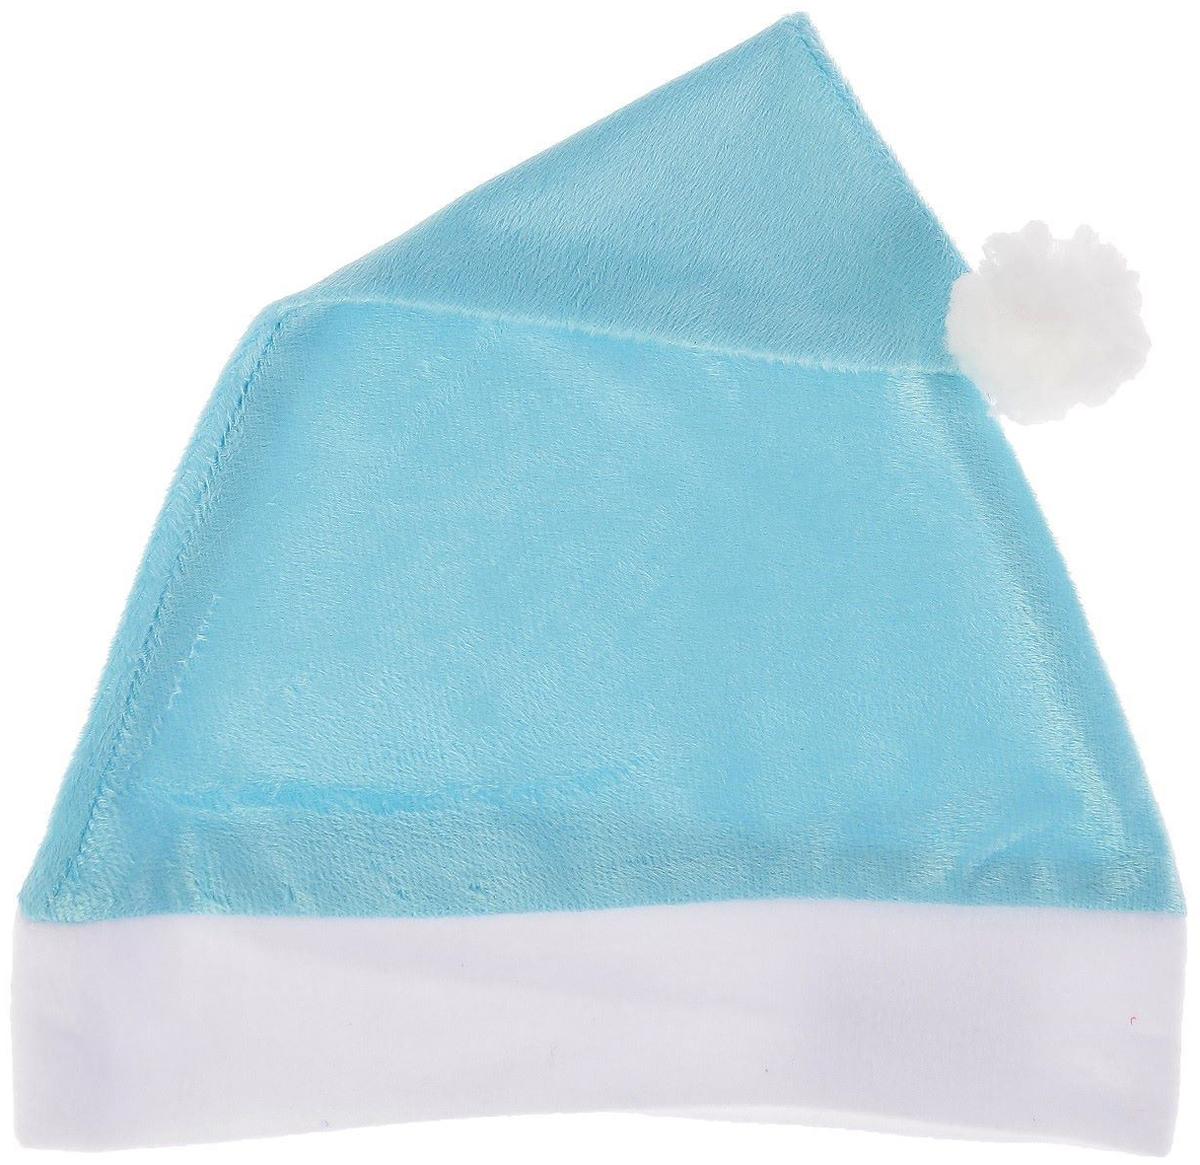 Колпак новогодний Блеск, цвет: голубой, 28 х 38 см2351992Колпак - традиционный новогодний головной убор, который дополнит любой праздничный костюм. Будет это корпоративная вечеринка, утренник в школе или отдых в компании друзей - изделие поднимет настроение, где бы вы ни находились.Колпачок подойдет тем, кто собирается отмечать зимний праздник в помещении. В противном случае его следует надеть на теплую шапку, чтобы не простудиться.